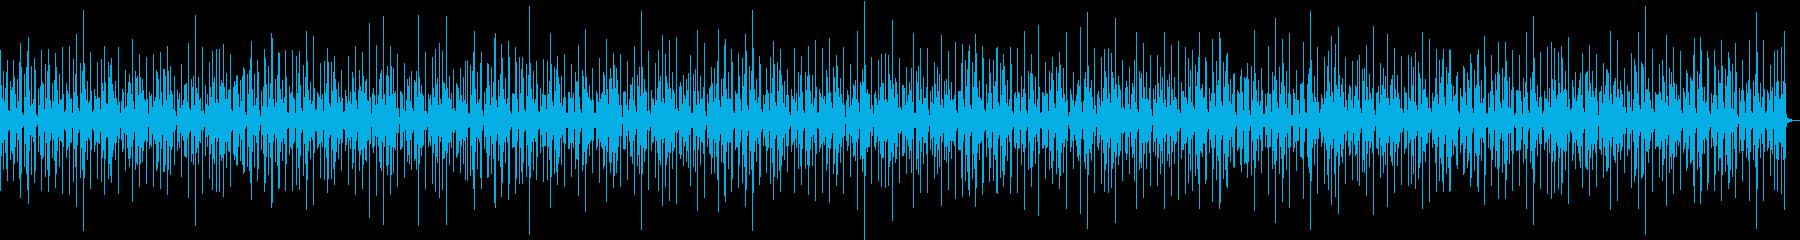 ちょっとマイナーなラテン風の曲の再生済みの波形